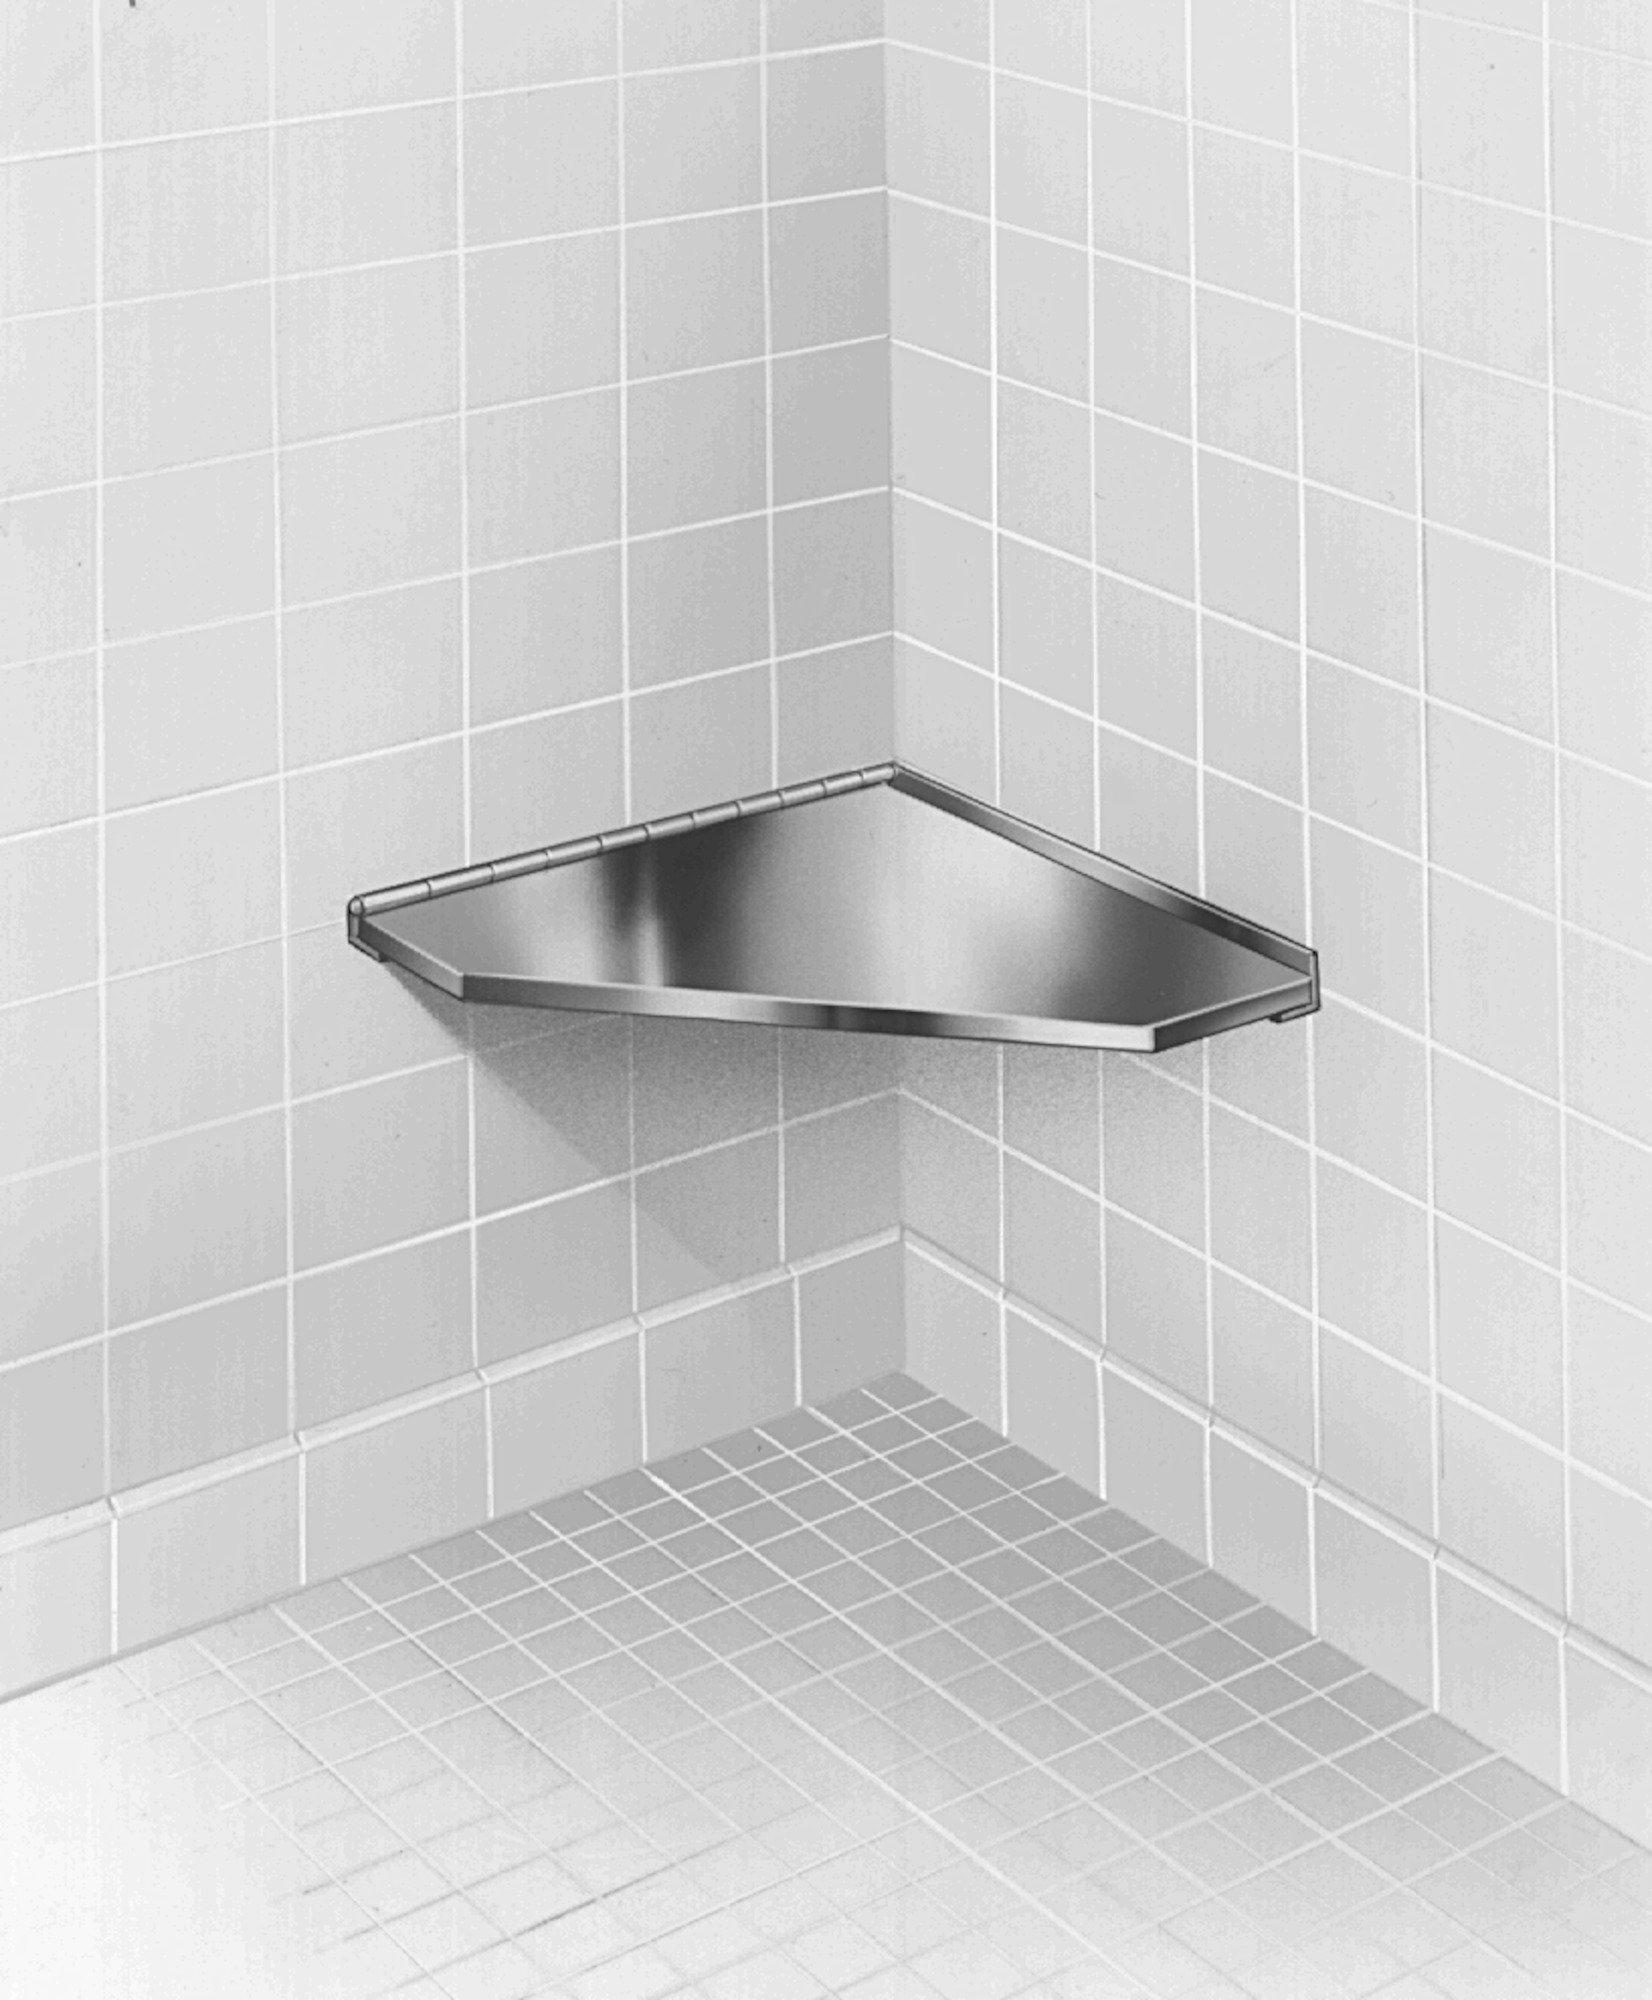 Corner Shower Seat 954-000000 | Accurate Door & Hardware, Inc